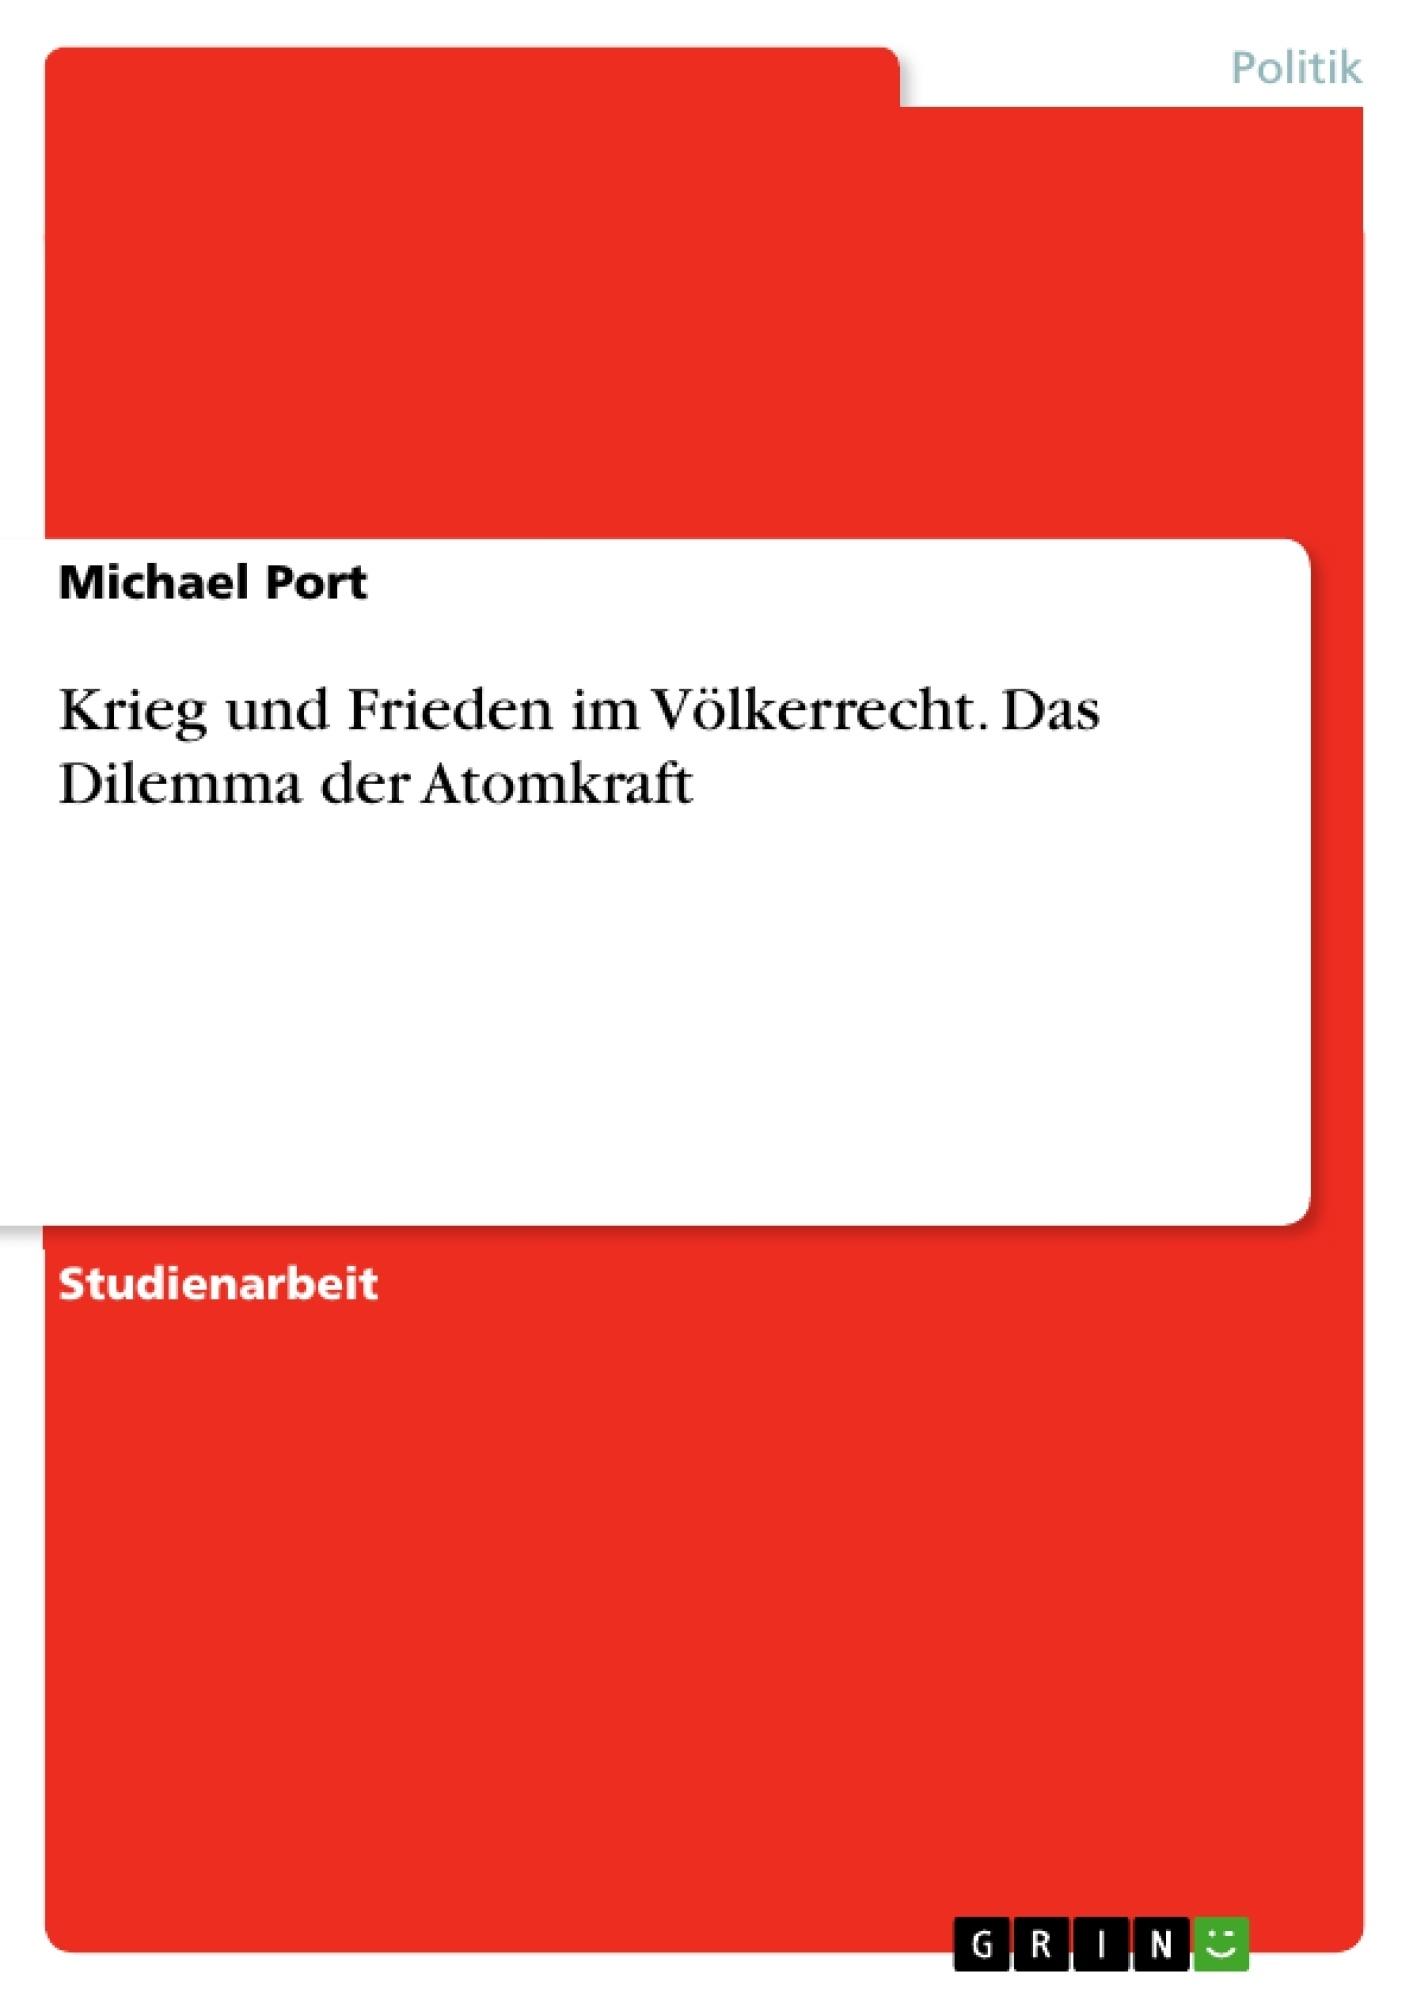 Titel: Krieg und Frieden im Völkerrecht. Das Dilemma der Atomkraft